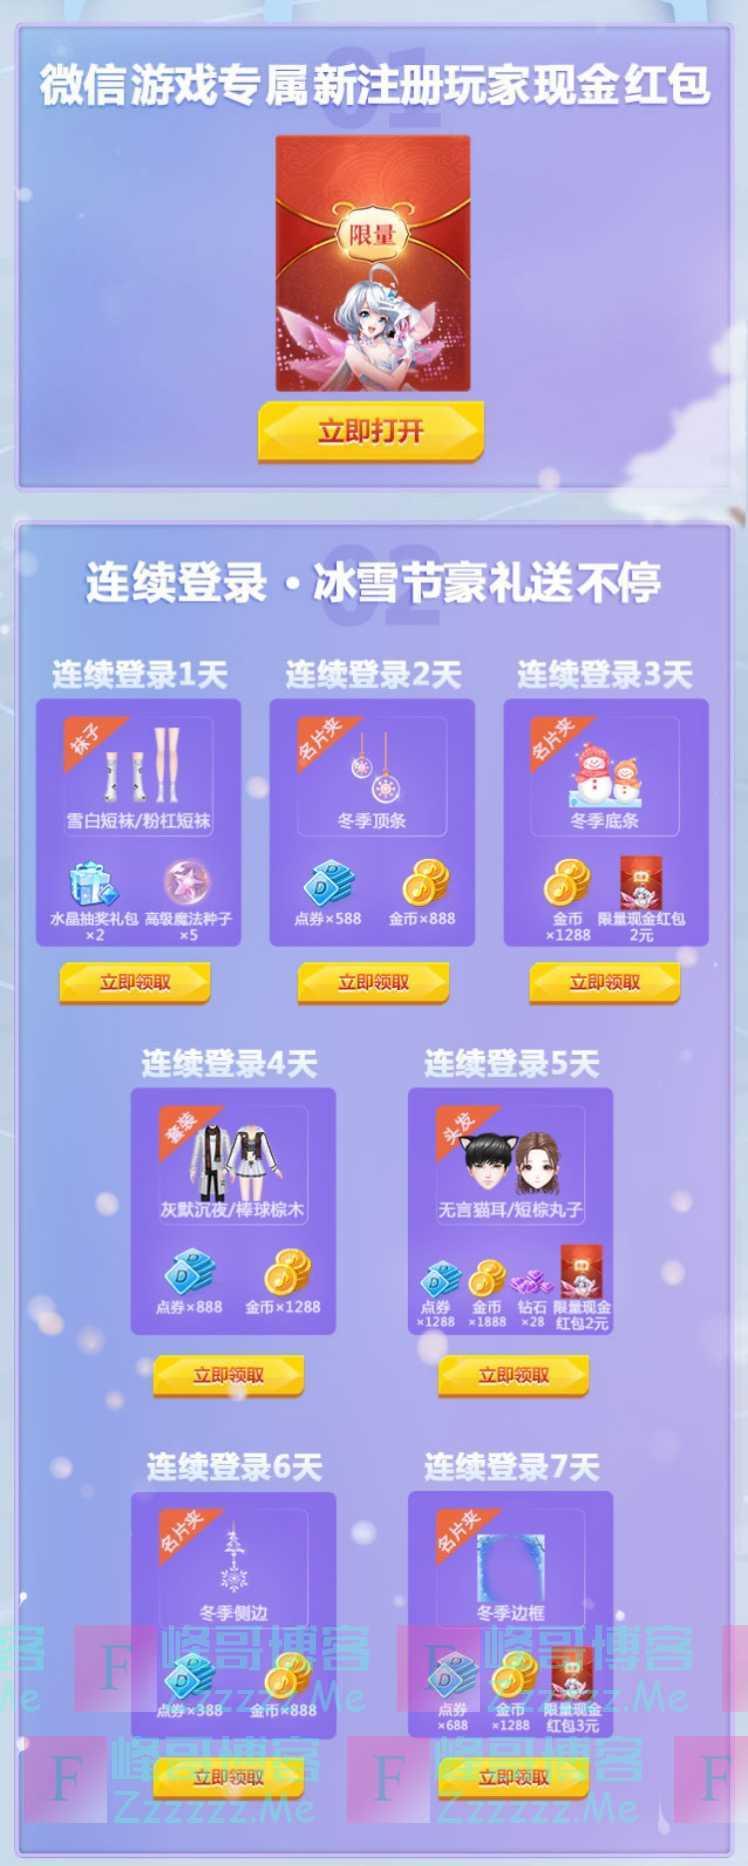 QQ旋舞微信新一期手游试玩领现金红包奖励(2020年1月8日截止)